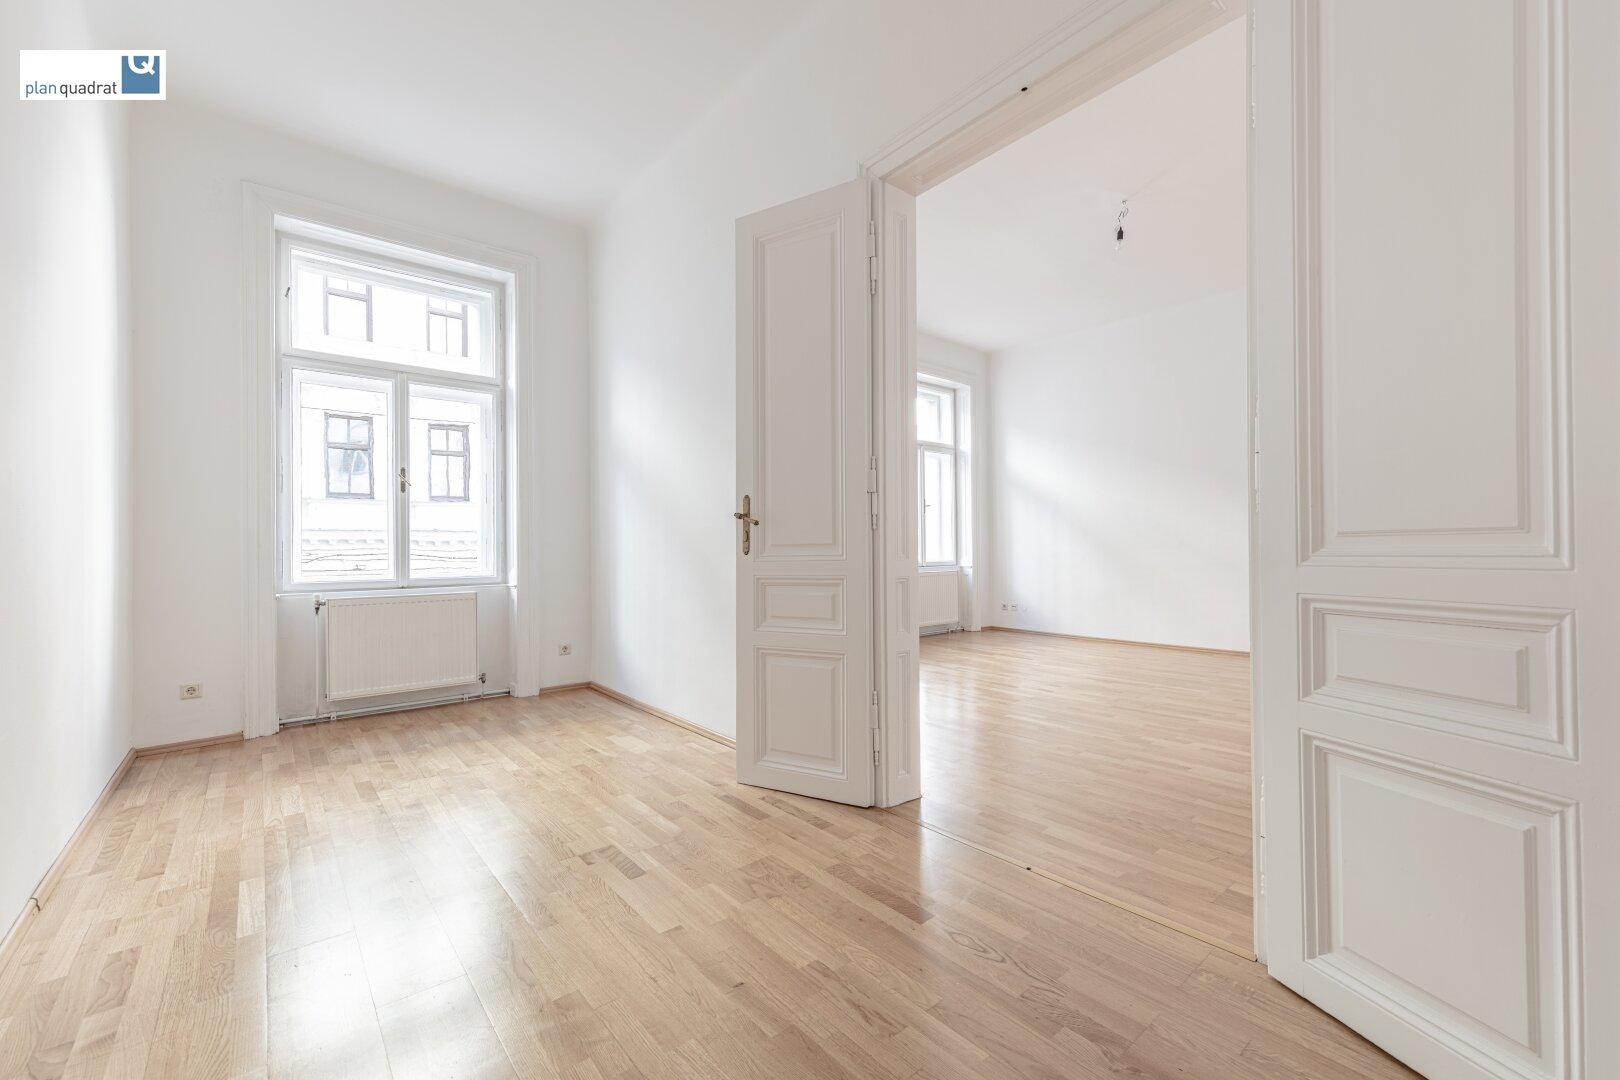 Zimmer 3 (gem. Wohnungsgrundriss)